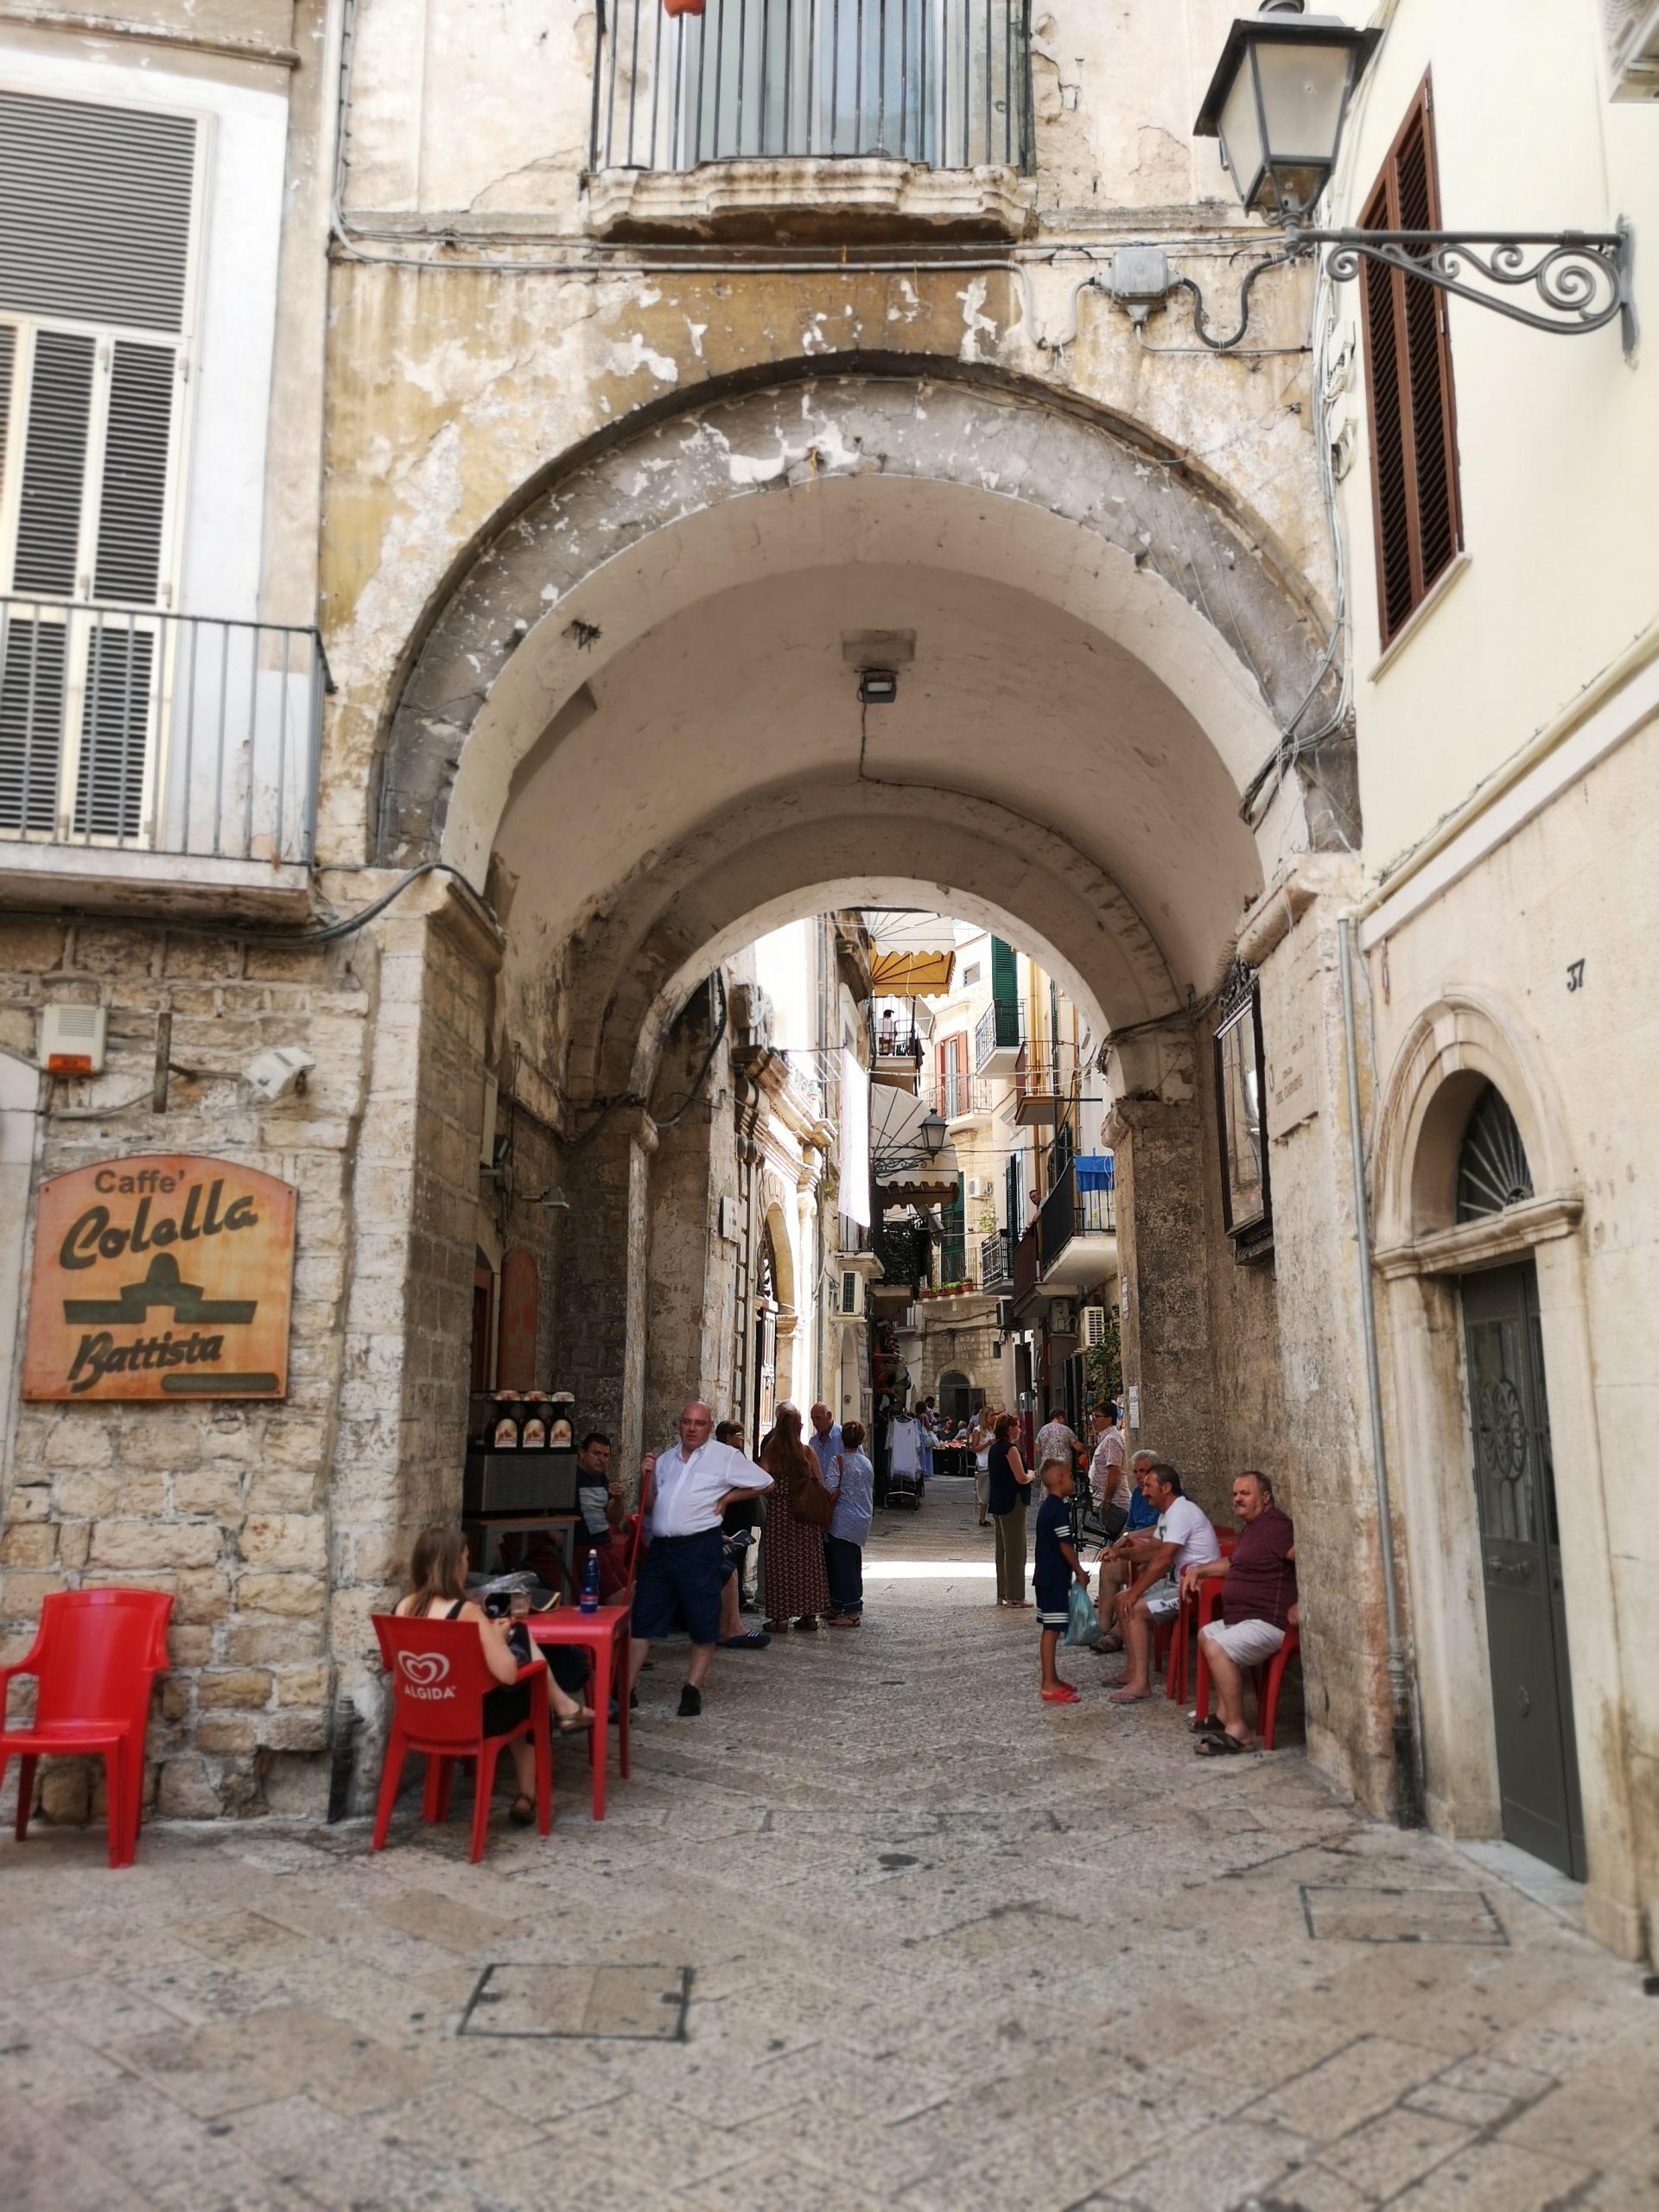 vicoletti baresi - Bari Vecchia